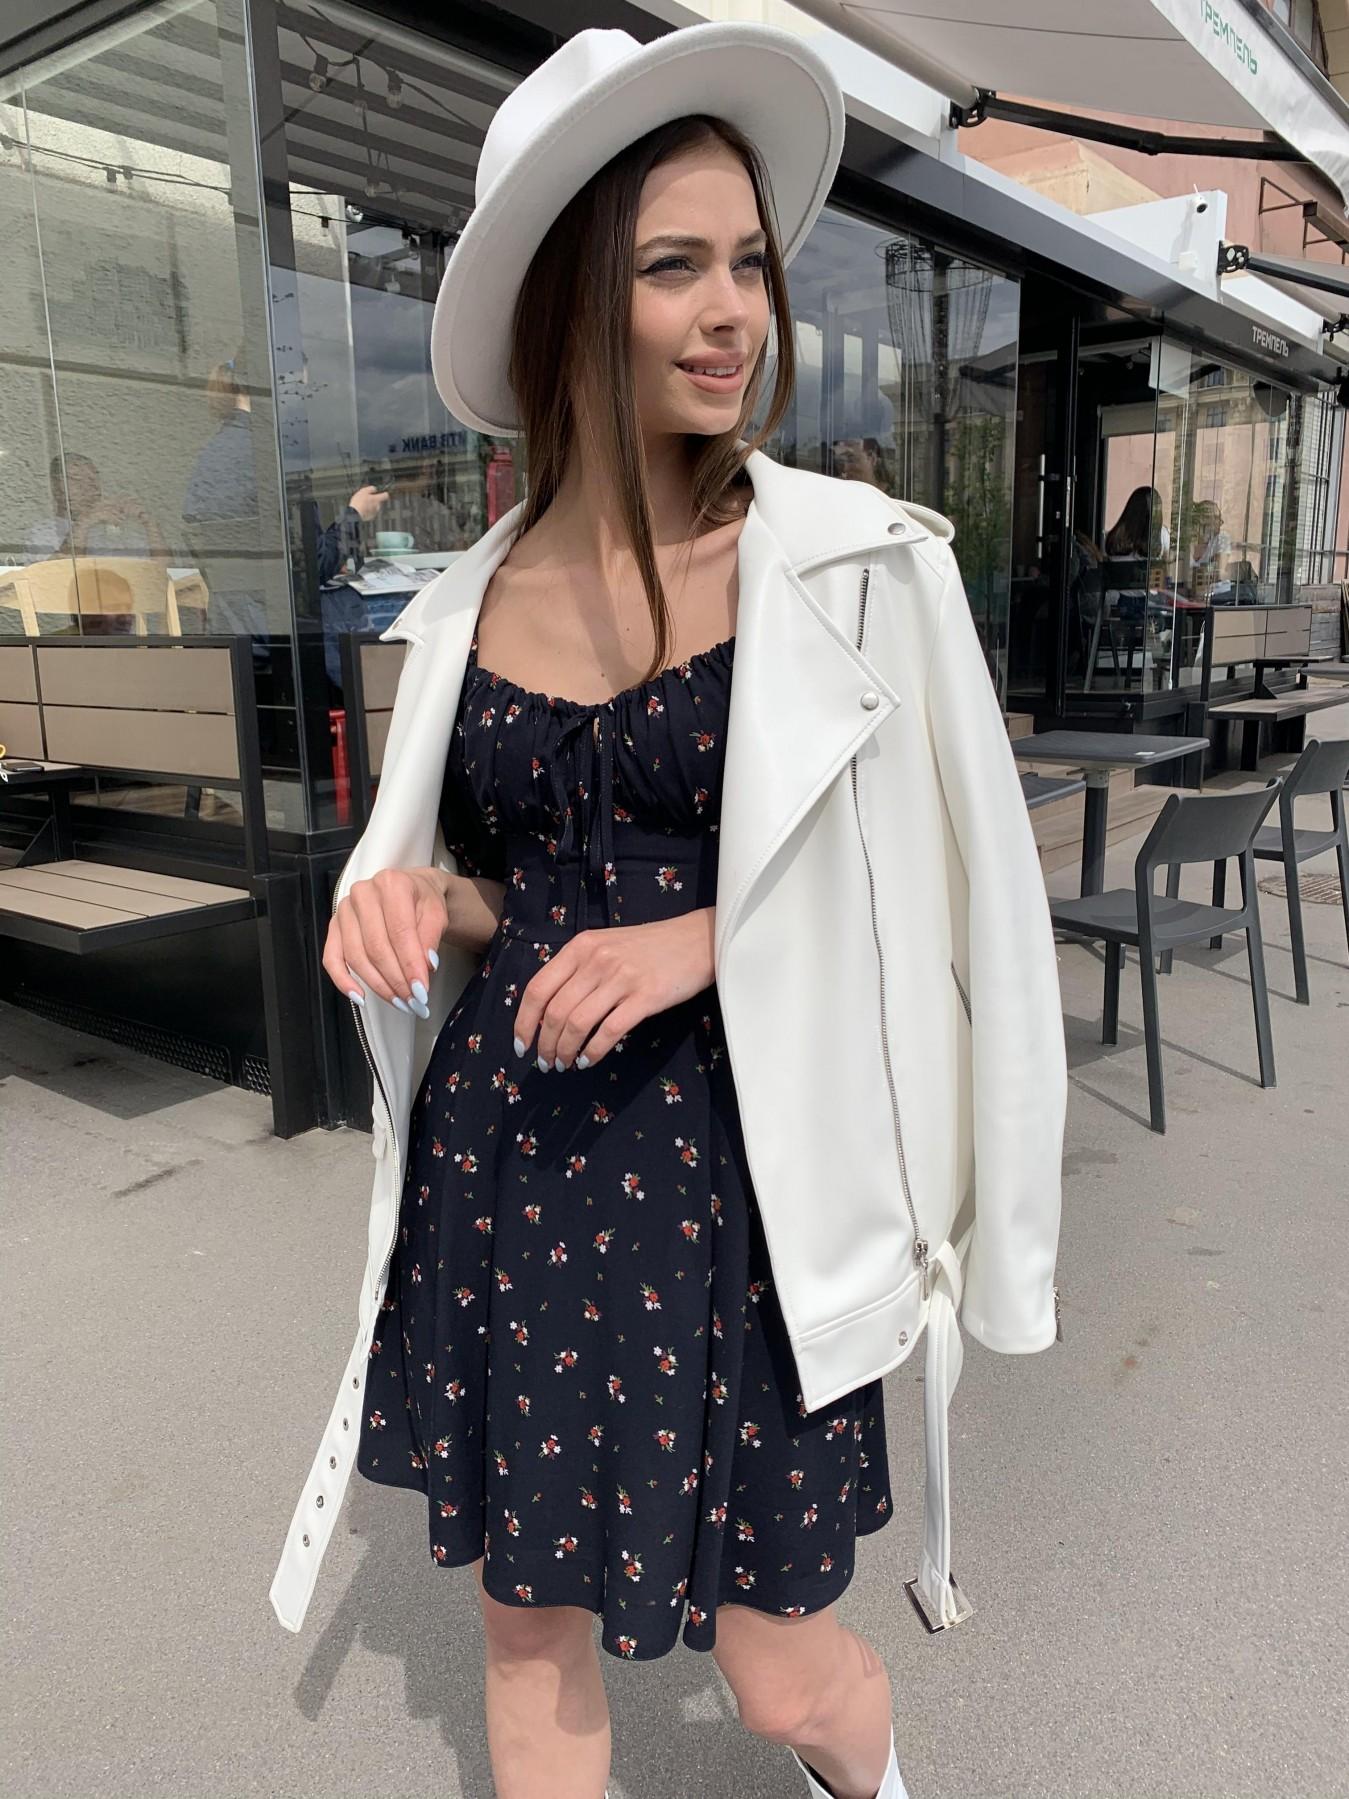 Кисес мини платье c коротким рукавом из штапеля в  принт 11280 АРТ. 47815 Цвет: ЦветБукетМелТ.син/красн - фото 5, интернет магазин tm-modus.ru